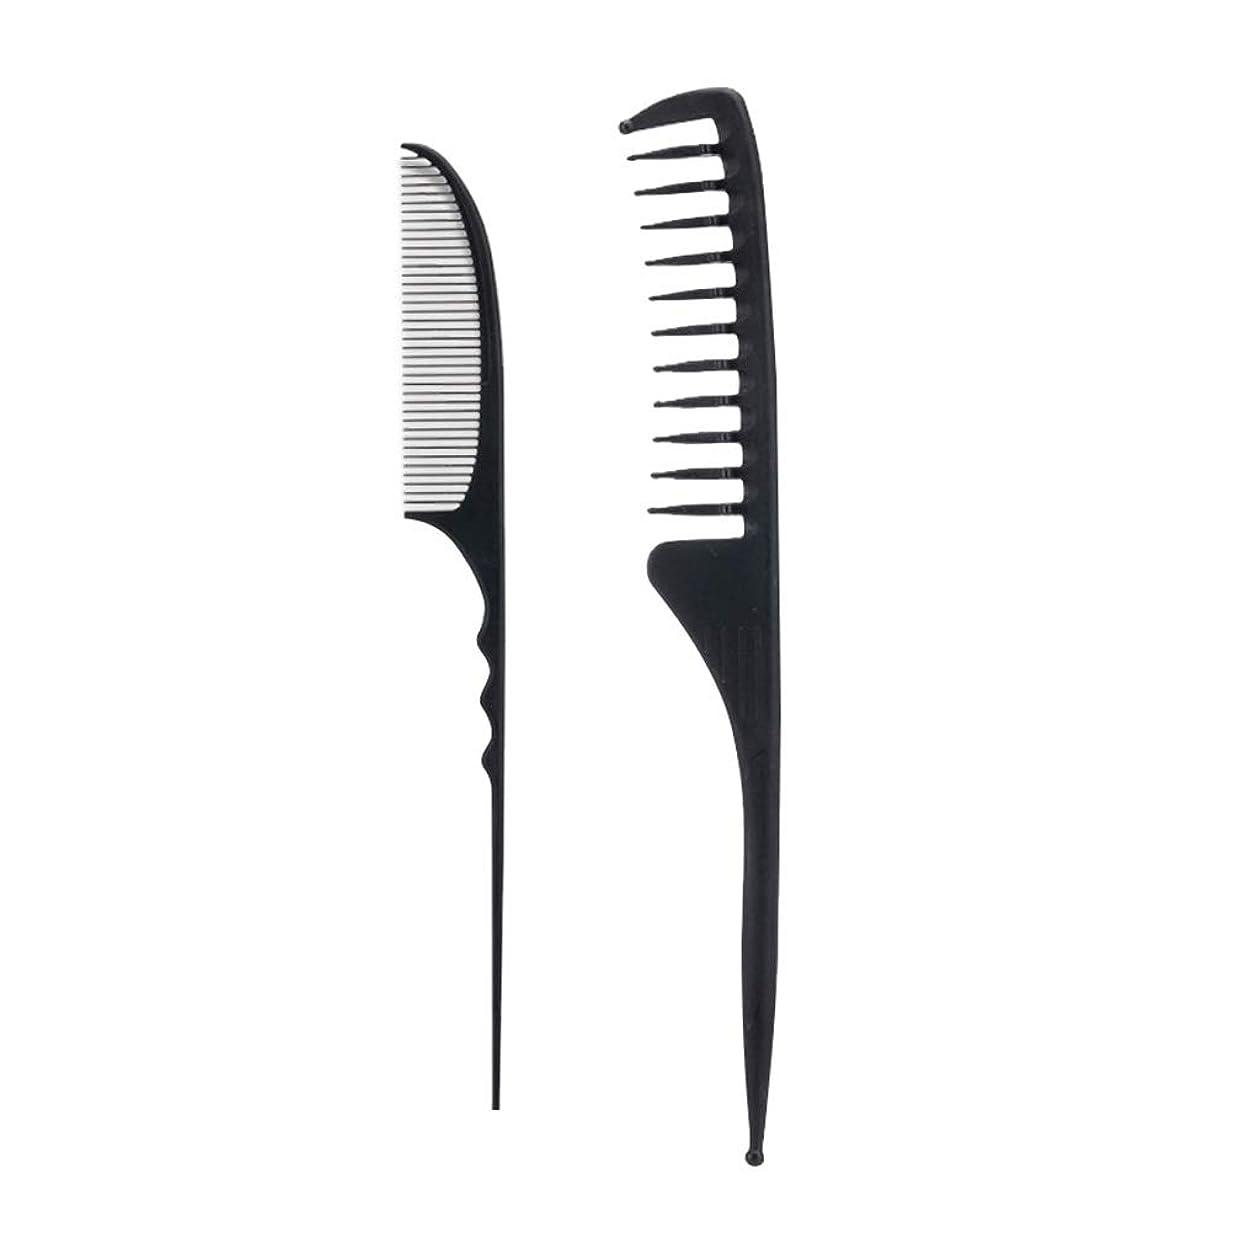 知覚できるキャスト最後のLurrose 2ピースサロンコームヘアー理髪櫛かみそりコーム理髪櫛スタイリングヘアコーム付きファインテールラフィングテール